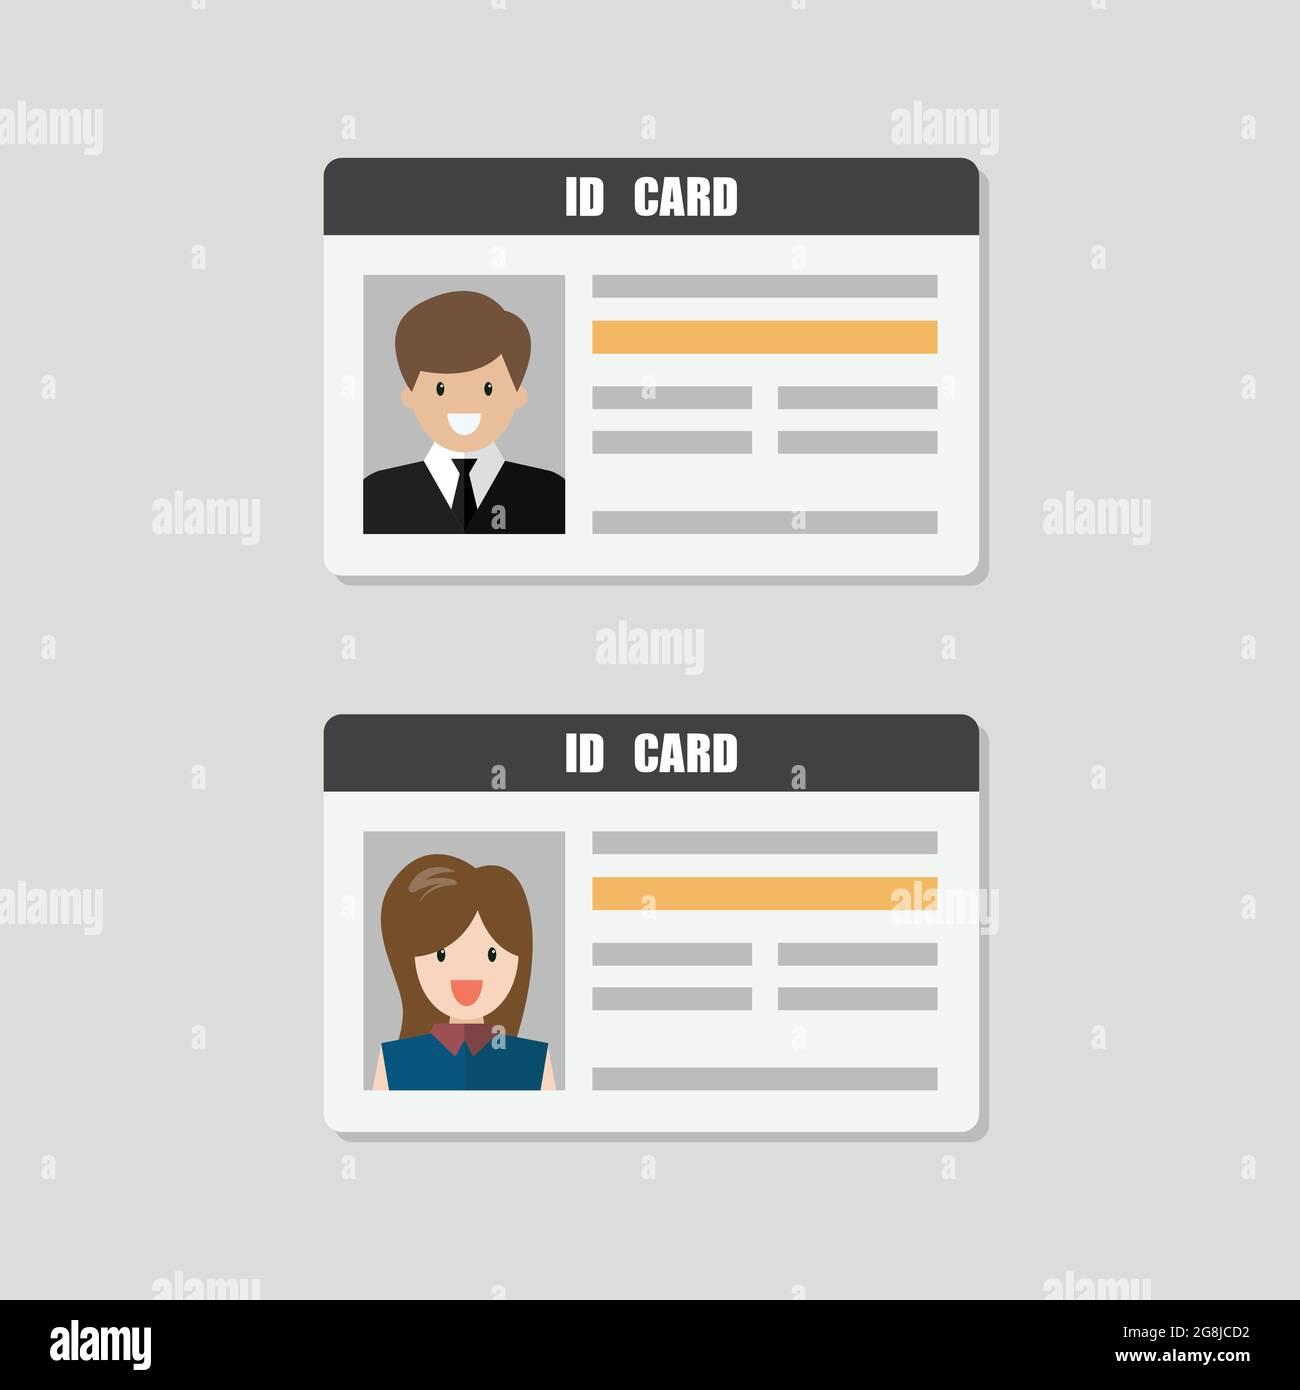 Cartes d'identité avec illustration vecteur photo mâle et femelle. Identité personnelle de style plat Illustration de Vecteur